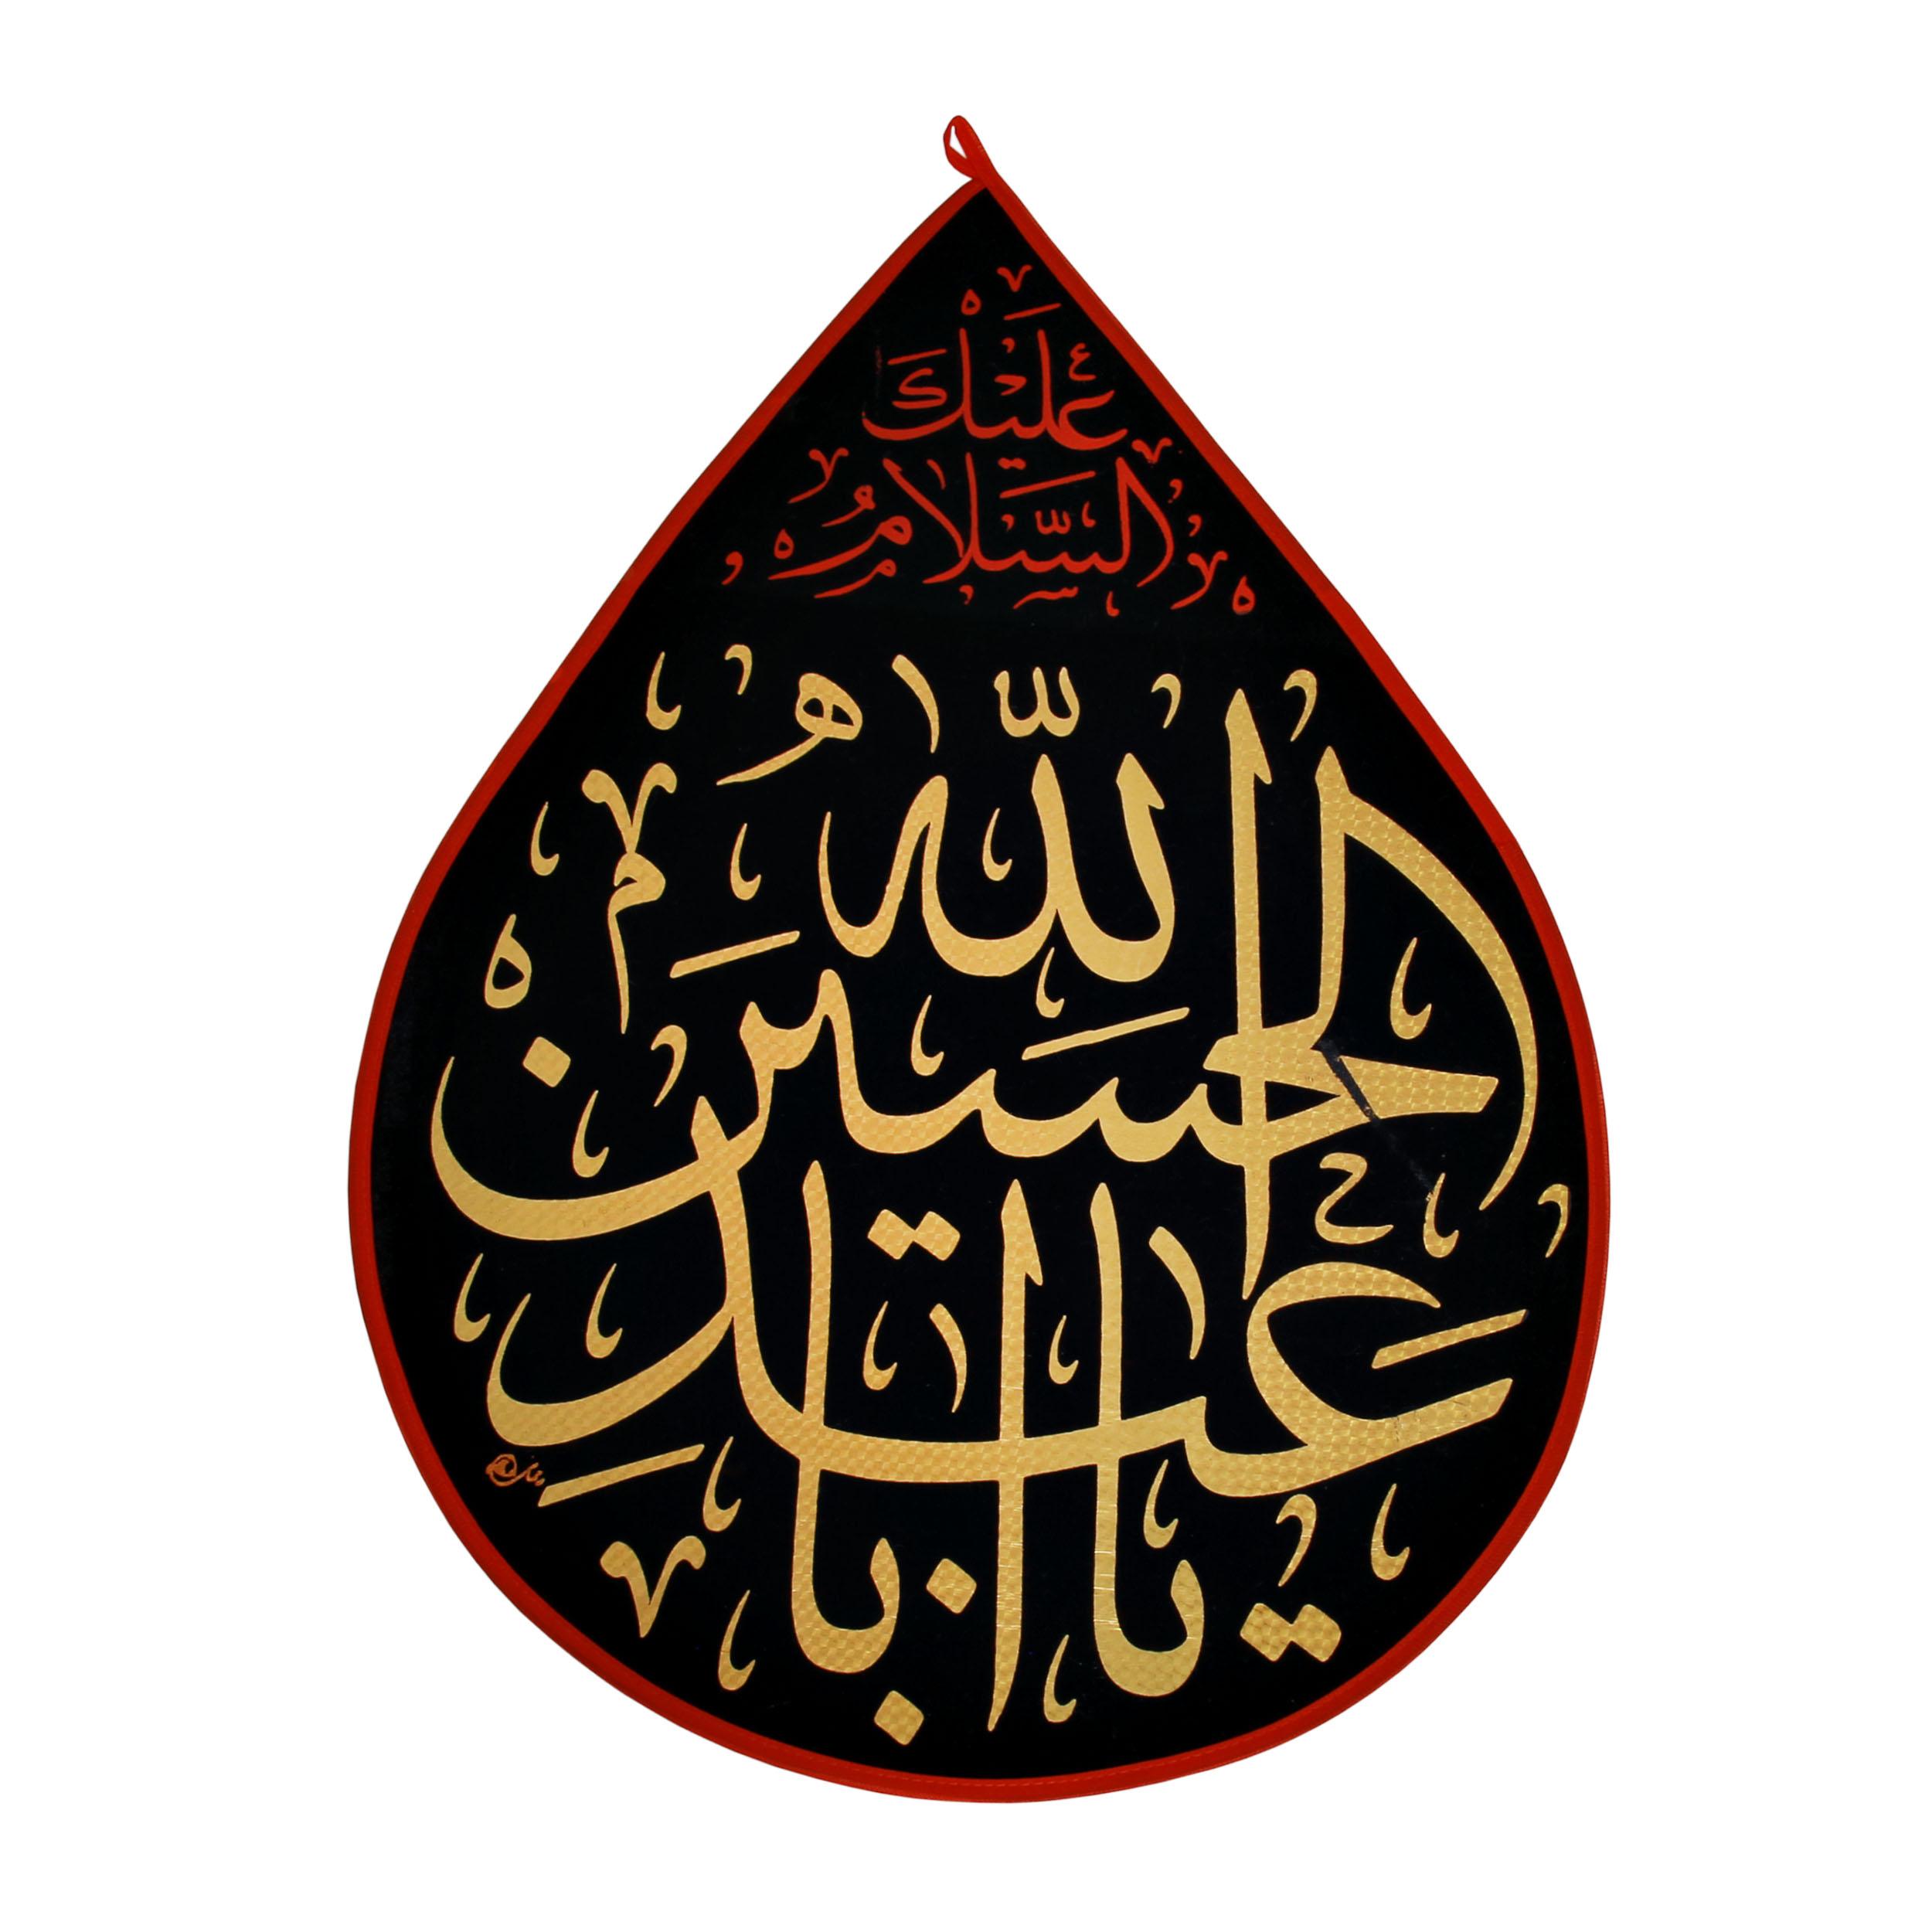 پرچم  بازرگانی میلادی مدل اشکی طرح مذهبی یا ابا عبدالله الحسین علیه السلام کدPAR-111